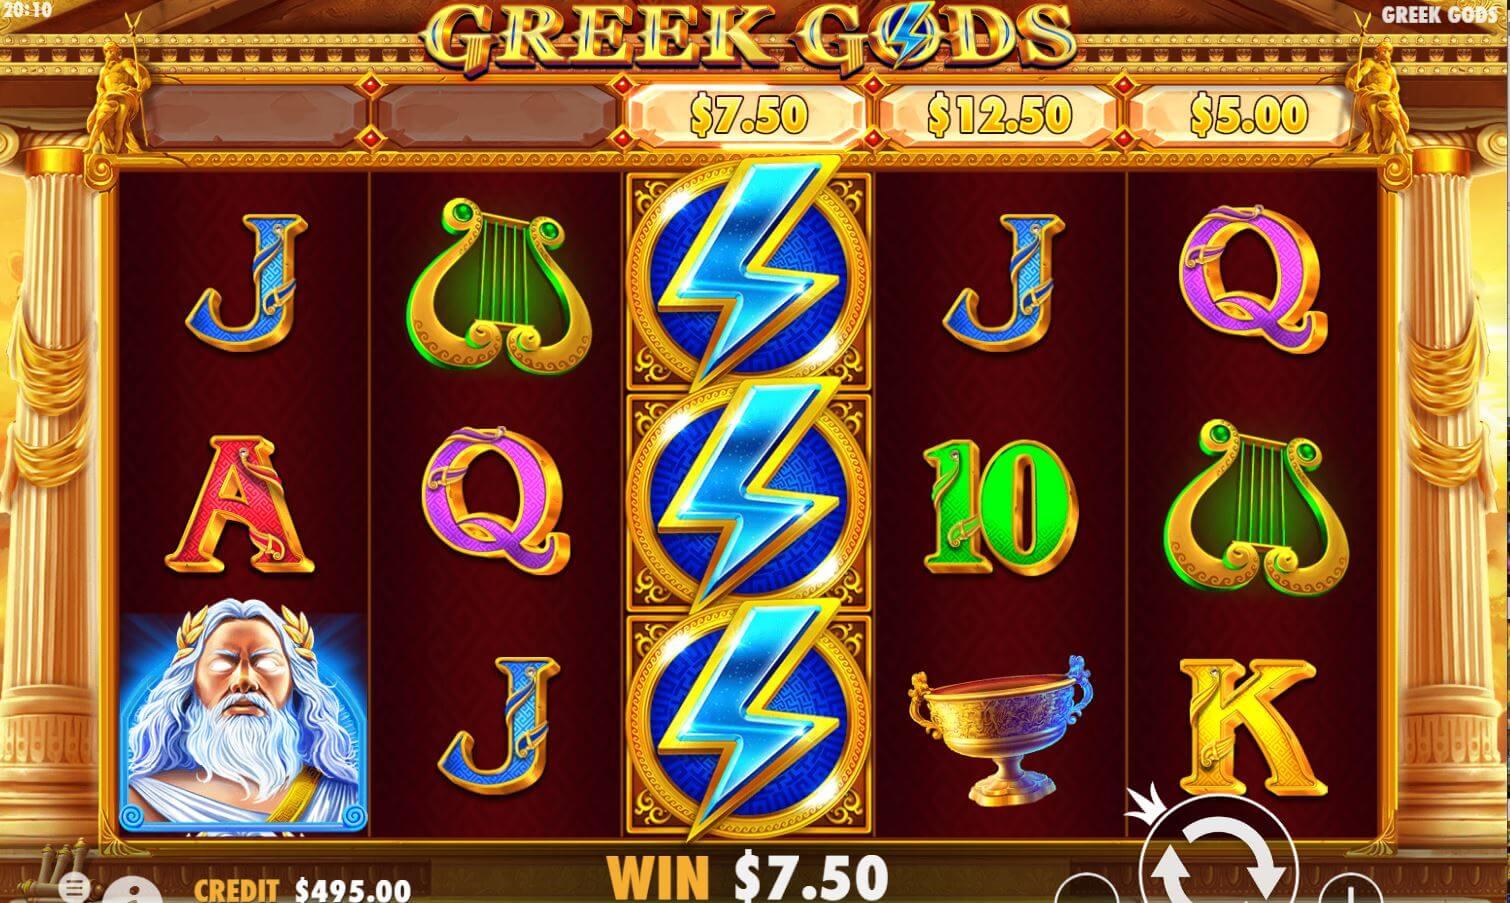 Greek Gods Slot Bonus